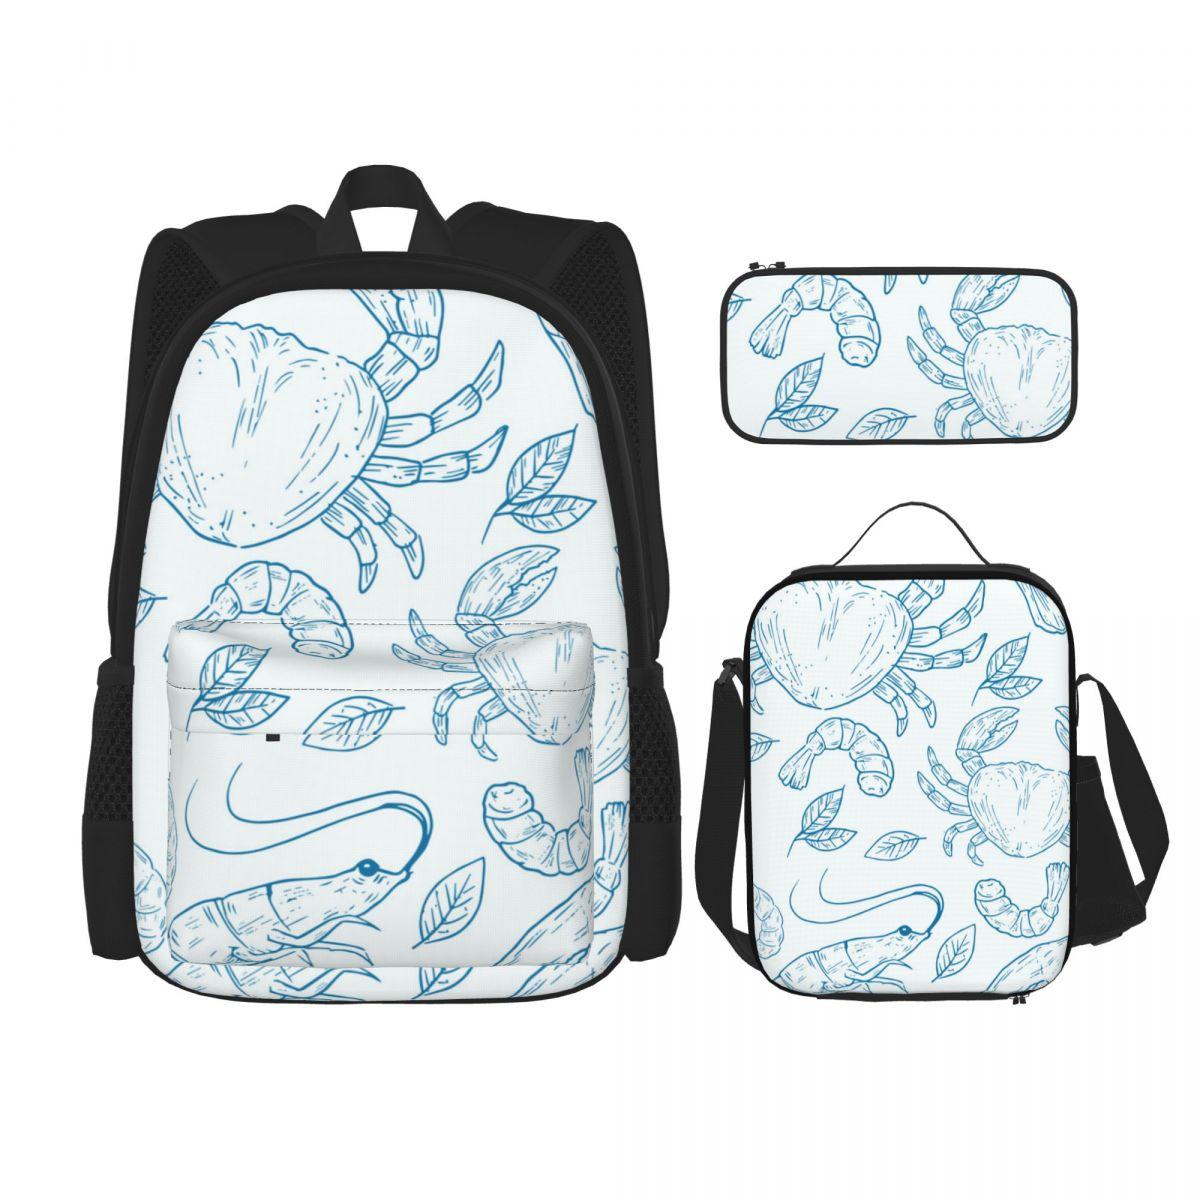 الأزرق الأسماك الطبيعية جراد البحر طباعة طاقم حقائب مدرسية للمراهقين الفتيات الفتيان طالب السفر حقيبة كتب أطفال Mochila